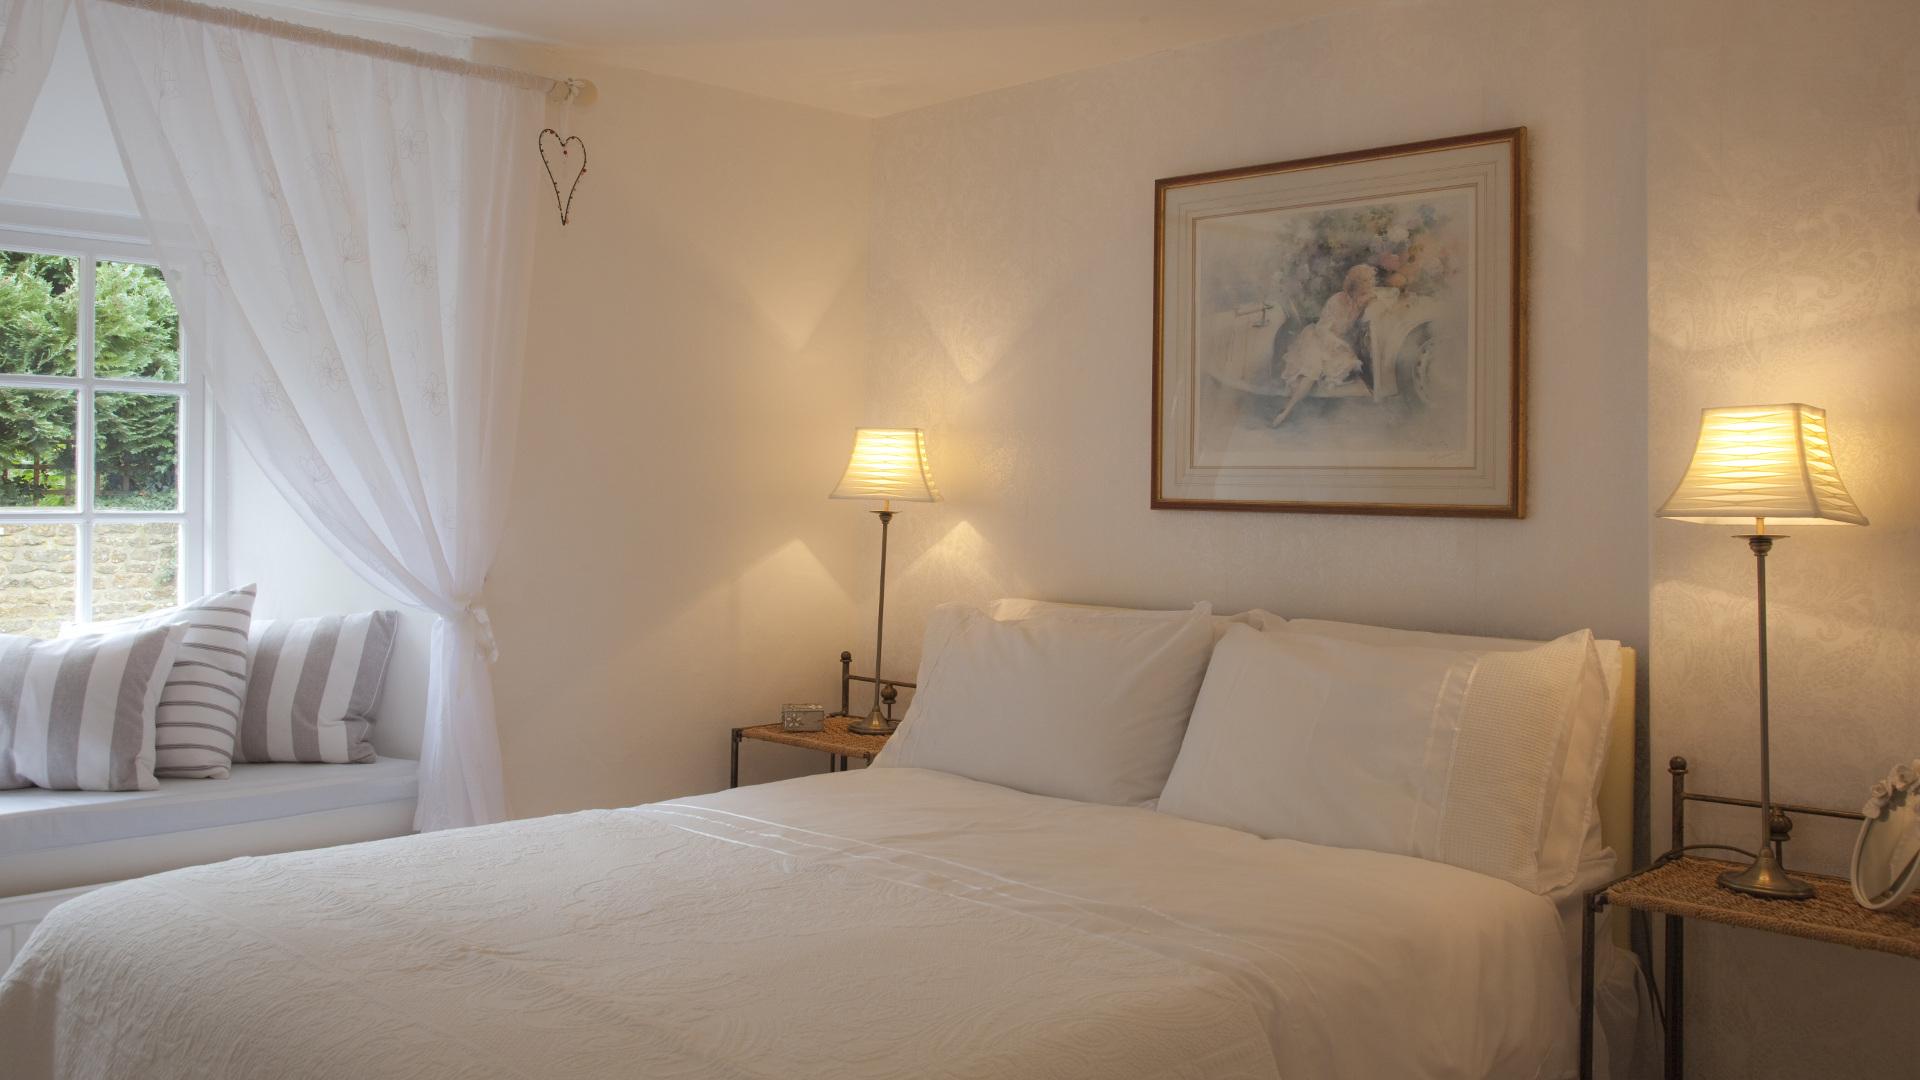 Conocias estos 8 beneficios de hacer la cama todos los dias1920